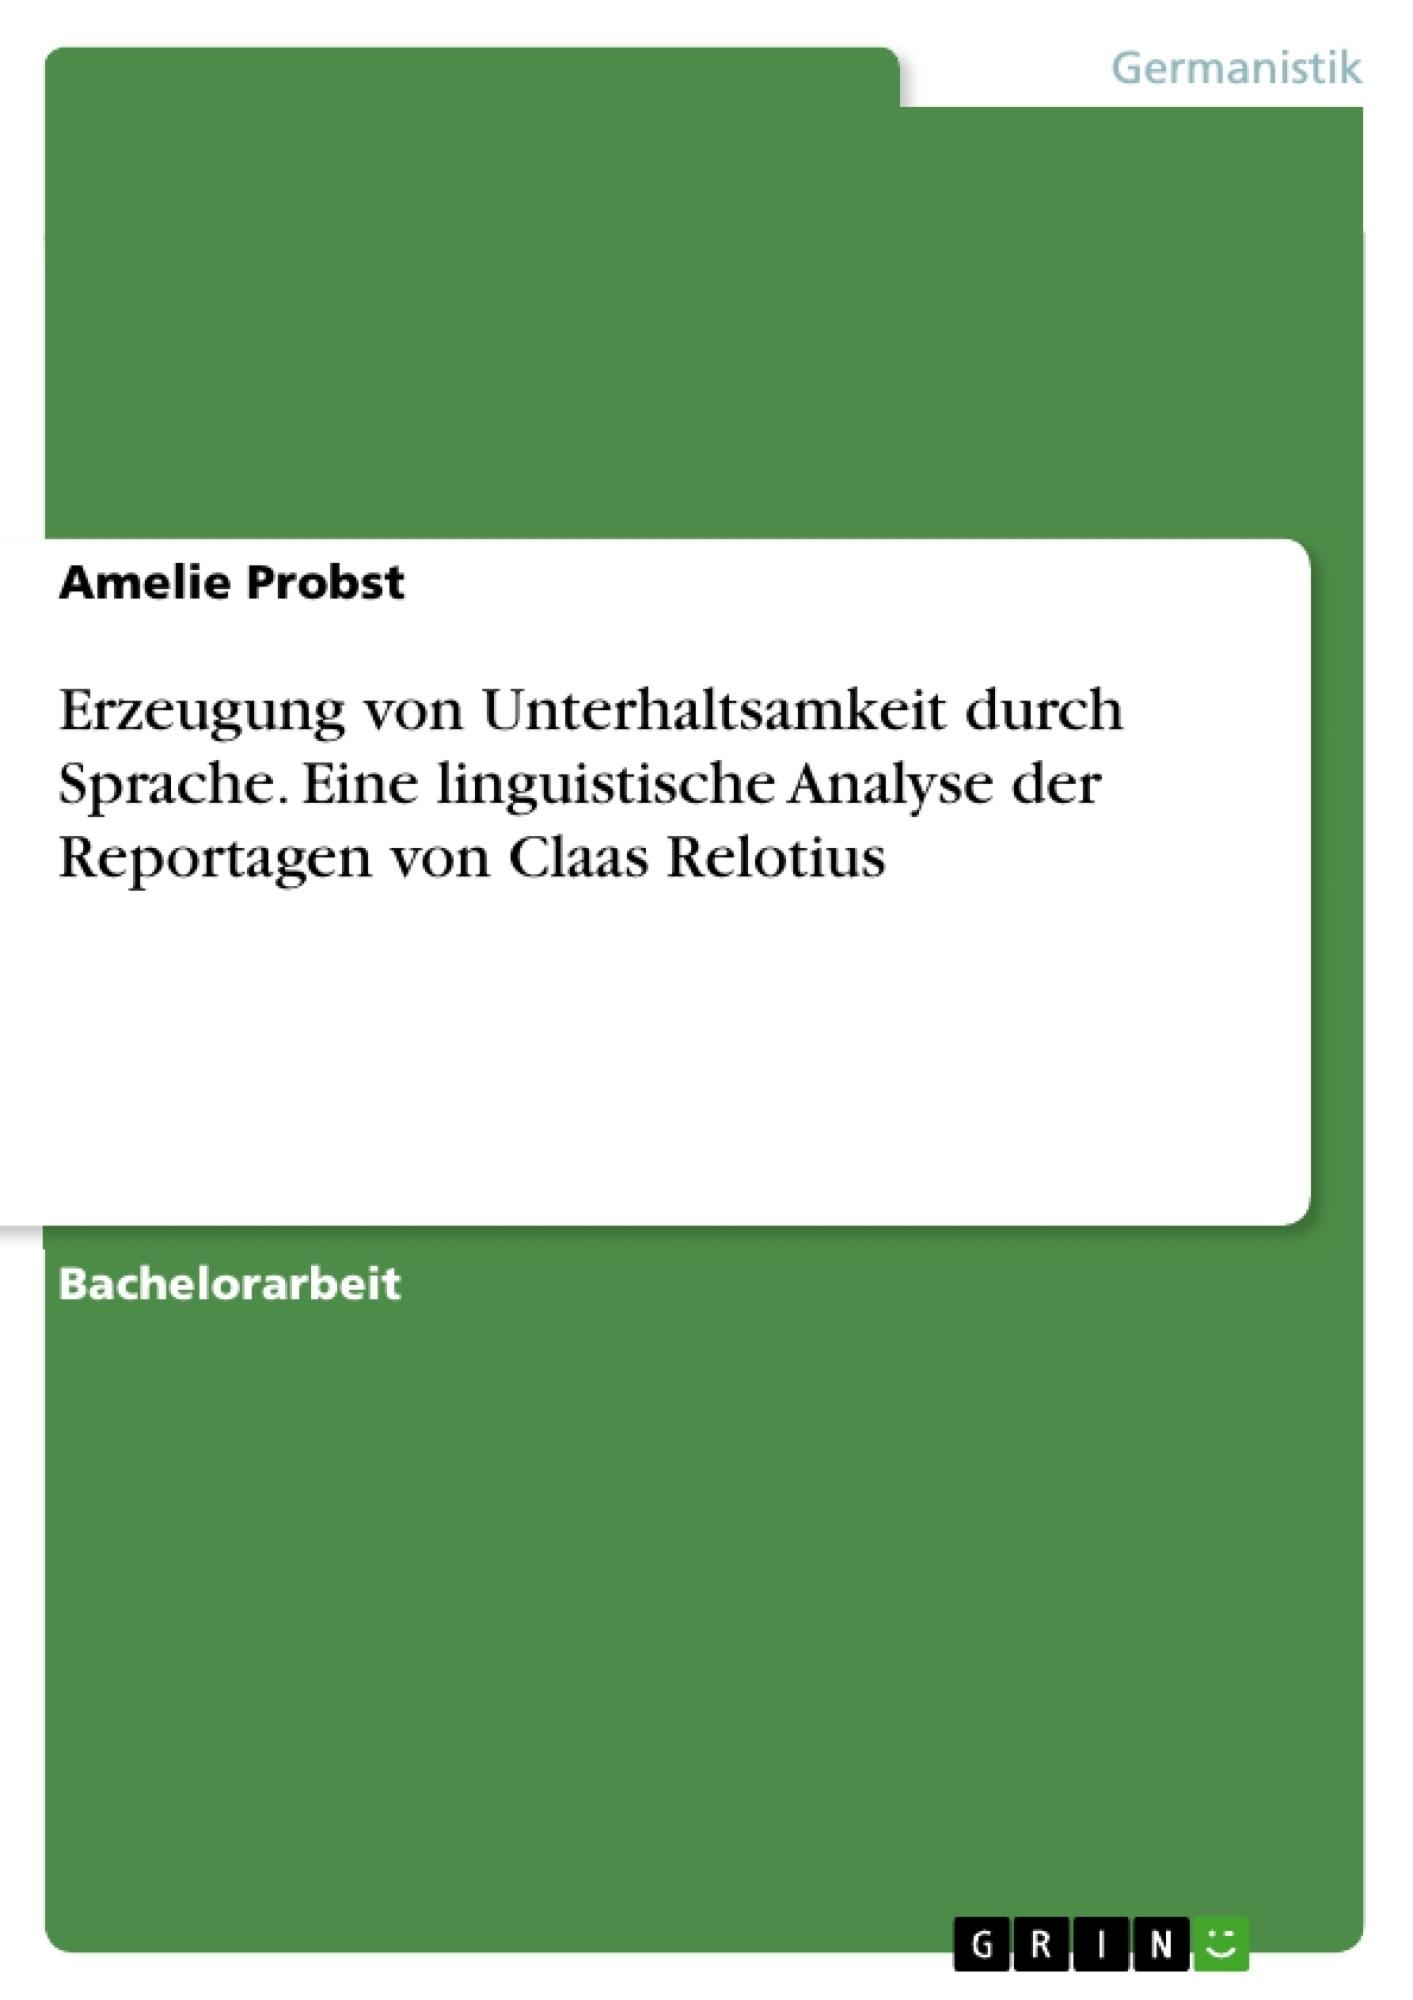 Titel: Erzeugung von Unterhaltsamkeit durch Sprache. Eine linguistische Analyse der Reportagen von Claas Relotius